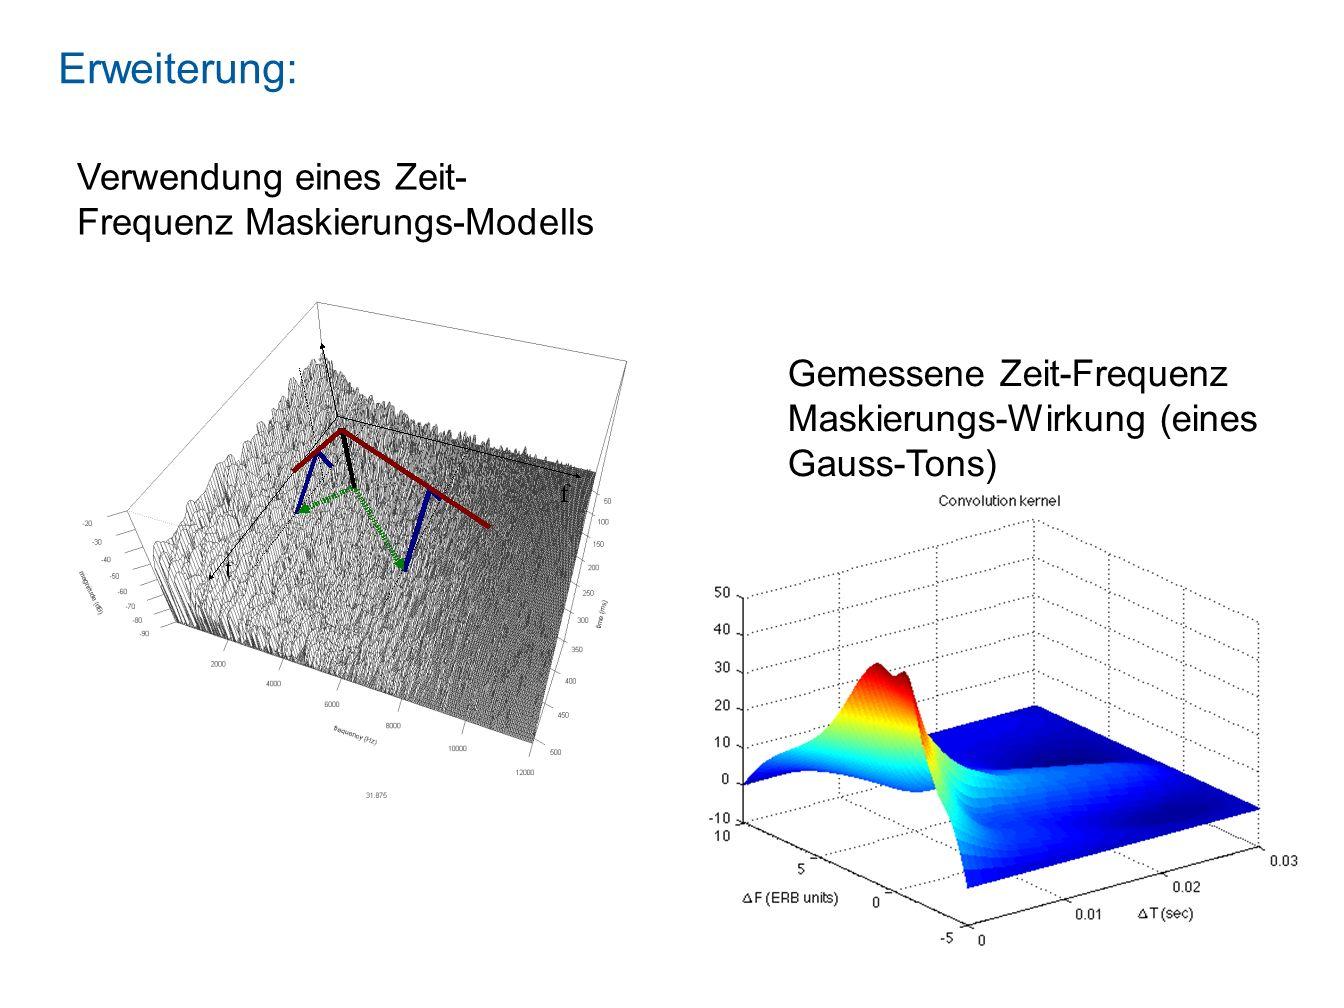 Erweiterung: Verwendung eines Zeit-Frequenz Maskierungs-Modells